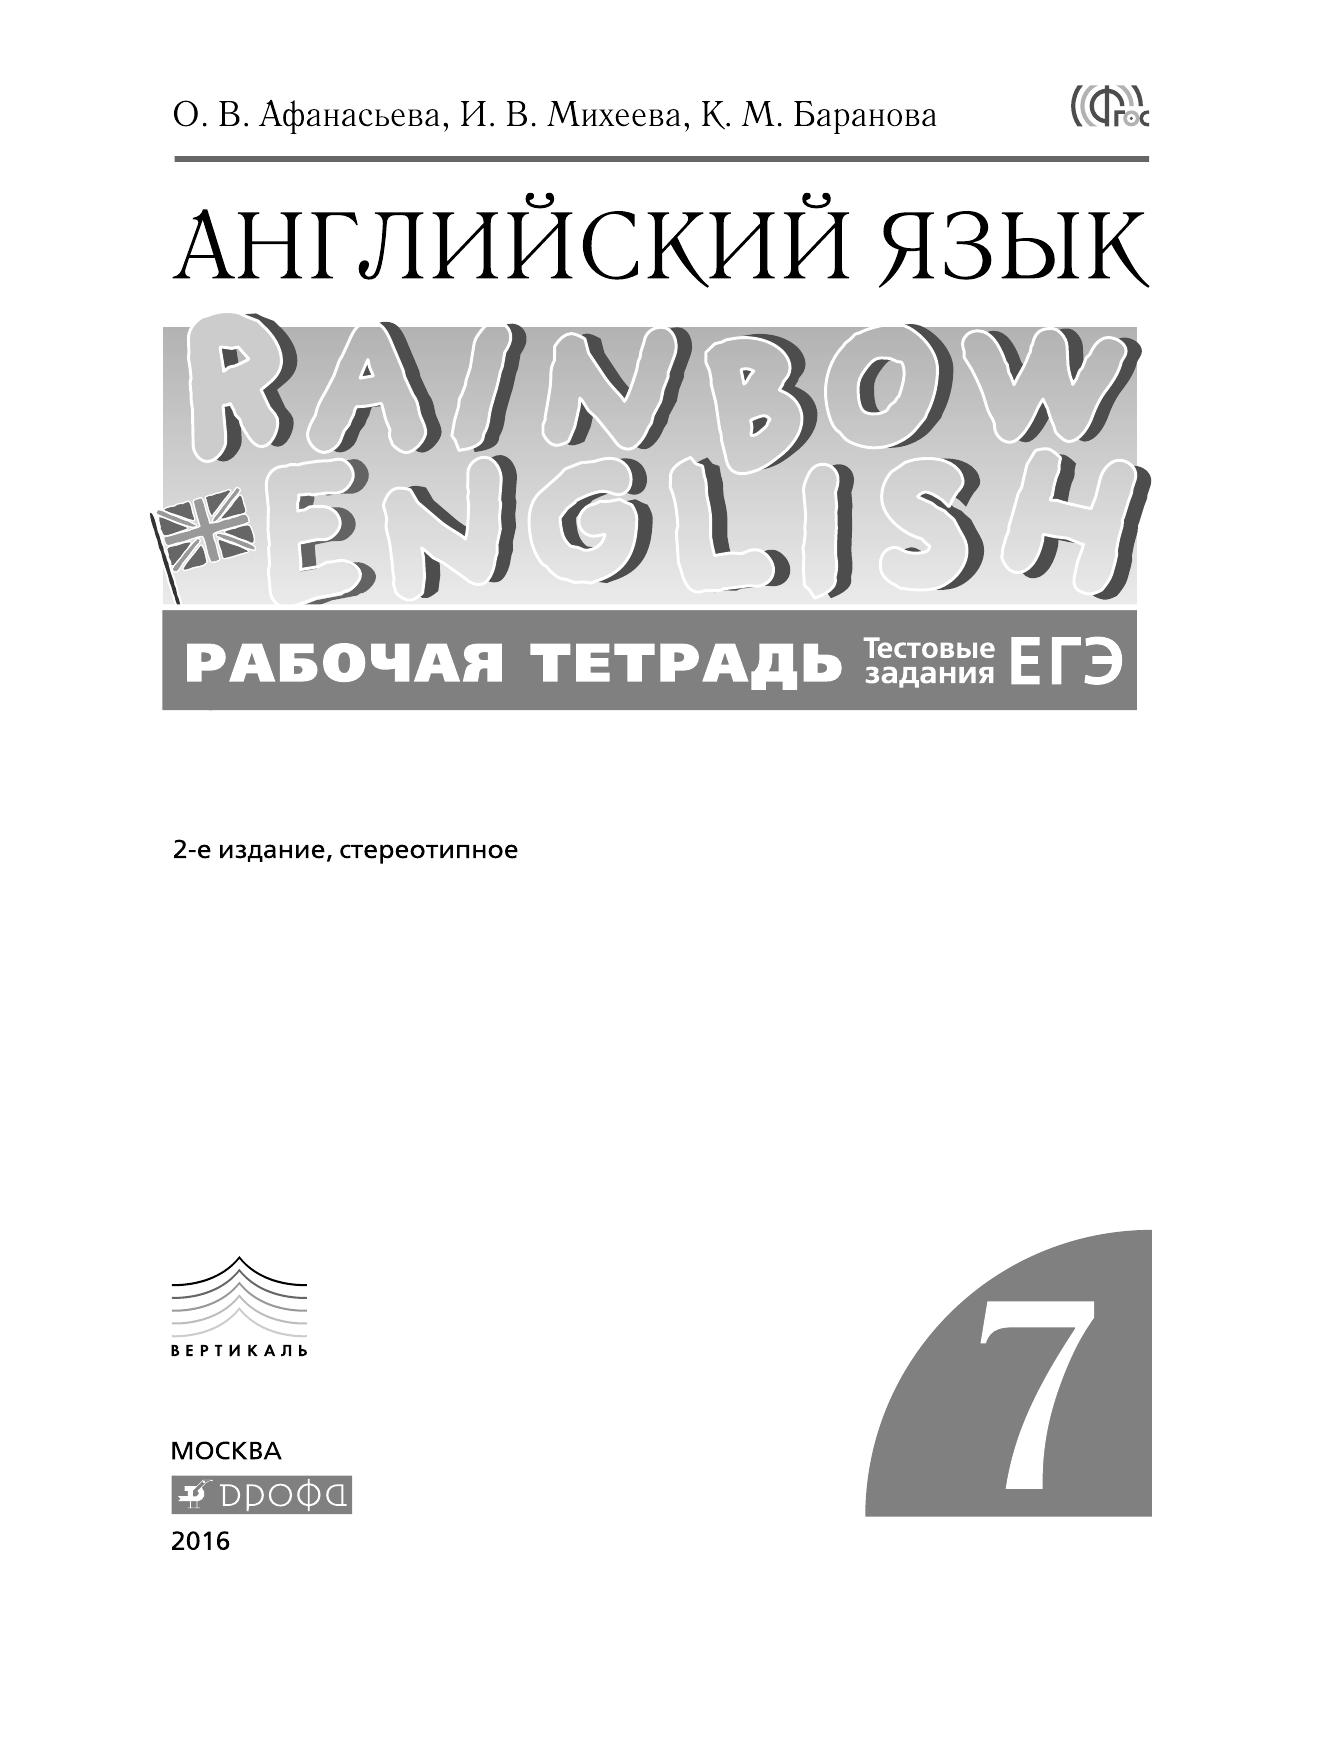 Гдз по английскому языку 3 класс рабочая тетрадь афанасьева михеева